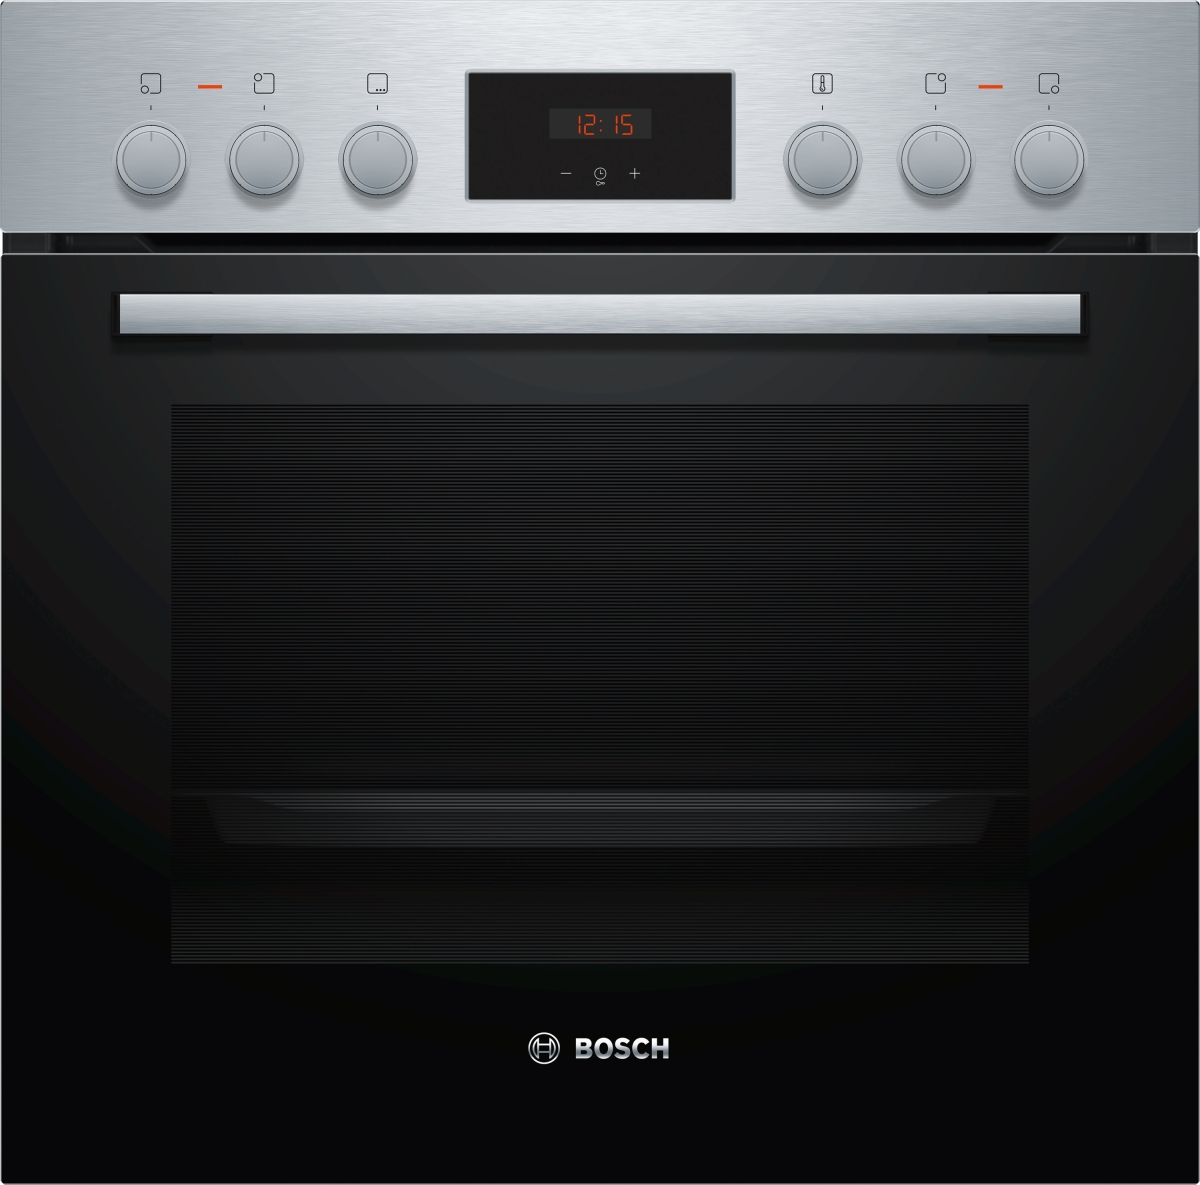 Bosch HEF113BS1 Einbauherd kochfeldgebundenEdelstahl5 HeizartenLED-DisplayElektronikuhr